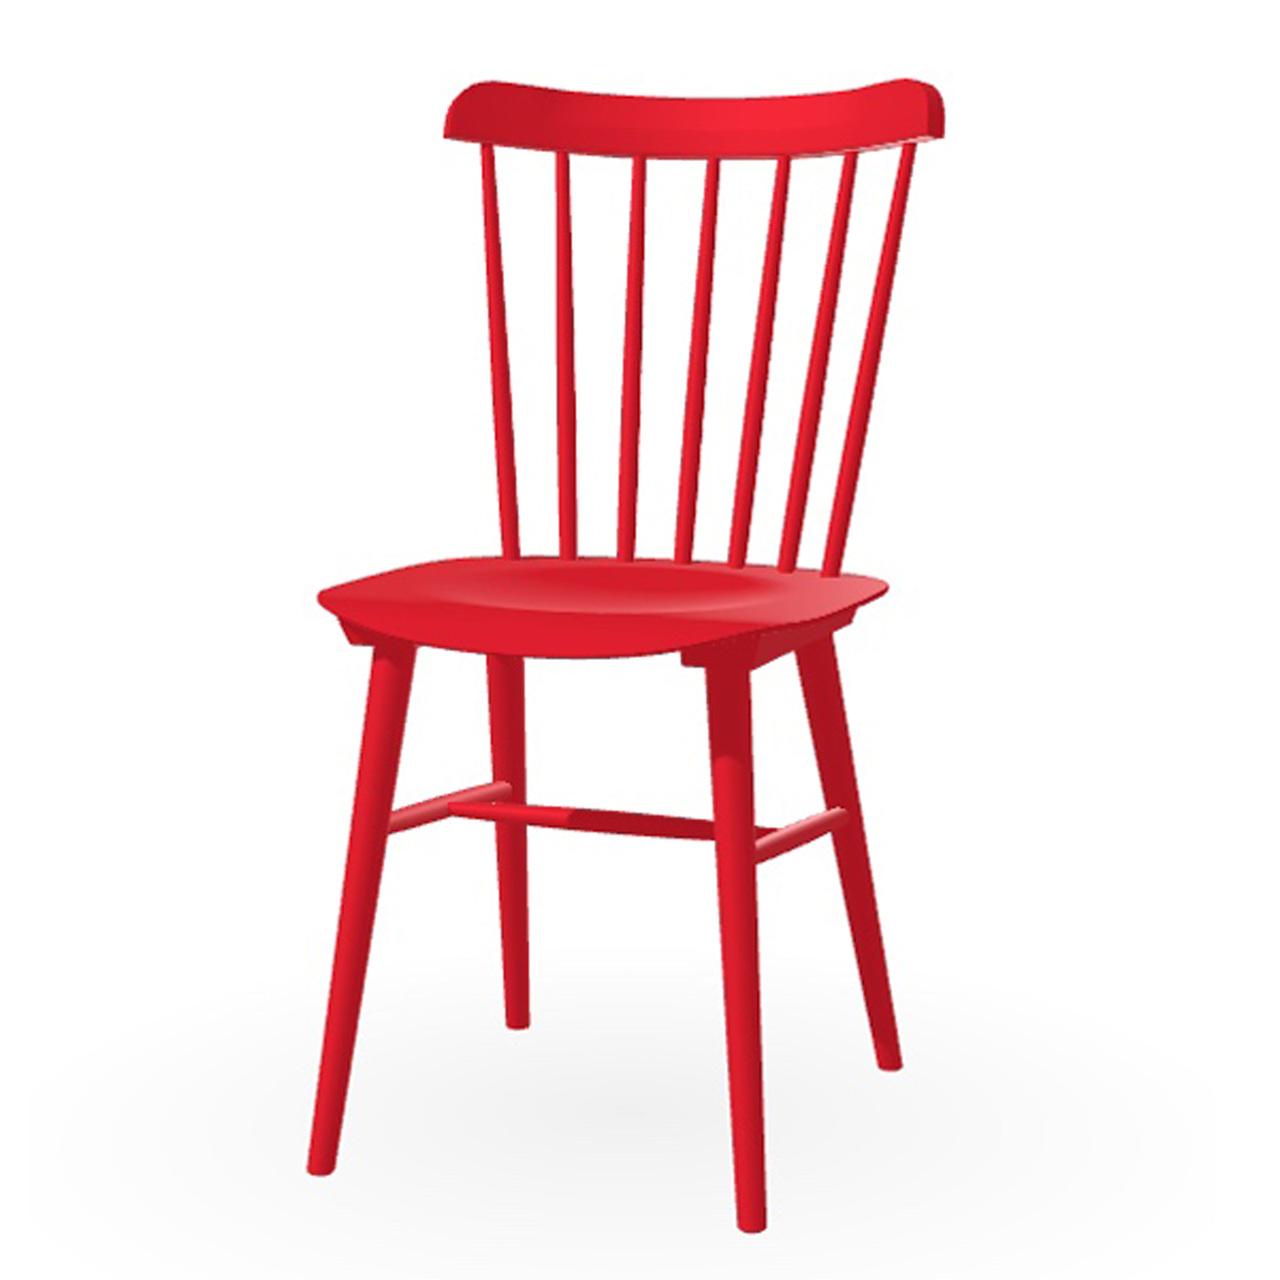 Ton Stuhl im Retro-Stil für den Esstisch  Eiche Pigmentiert Rubinrot (B 43),  Dunkle Filzgleiter